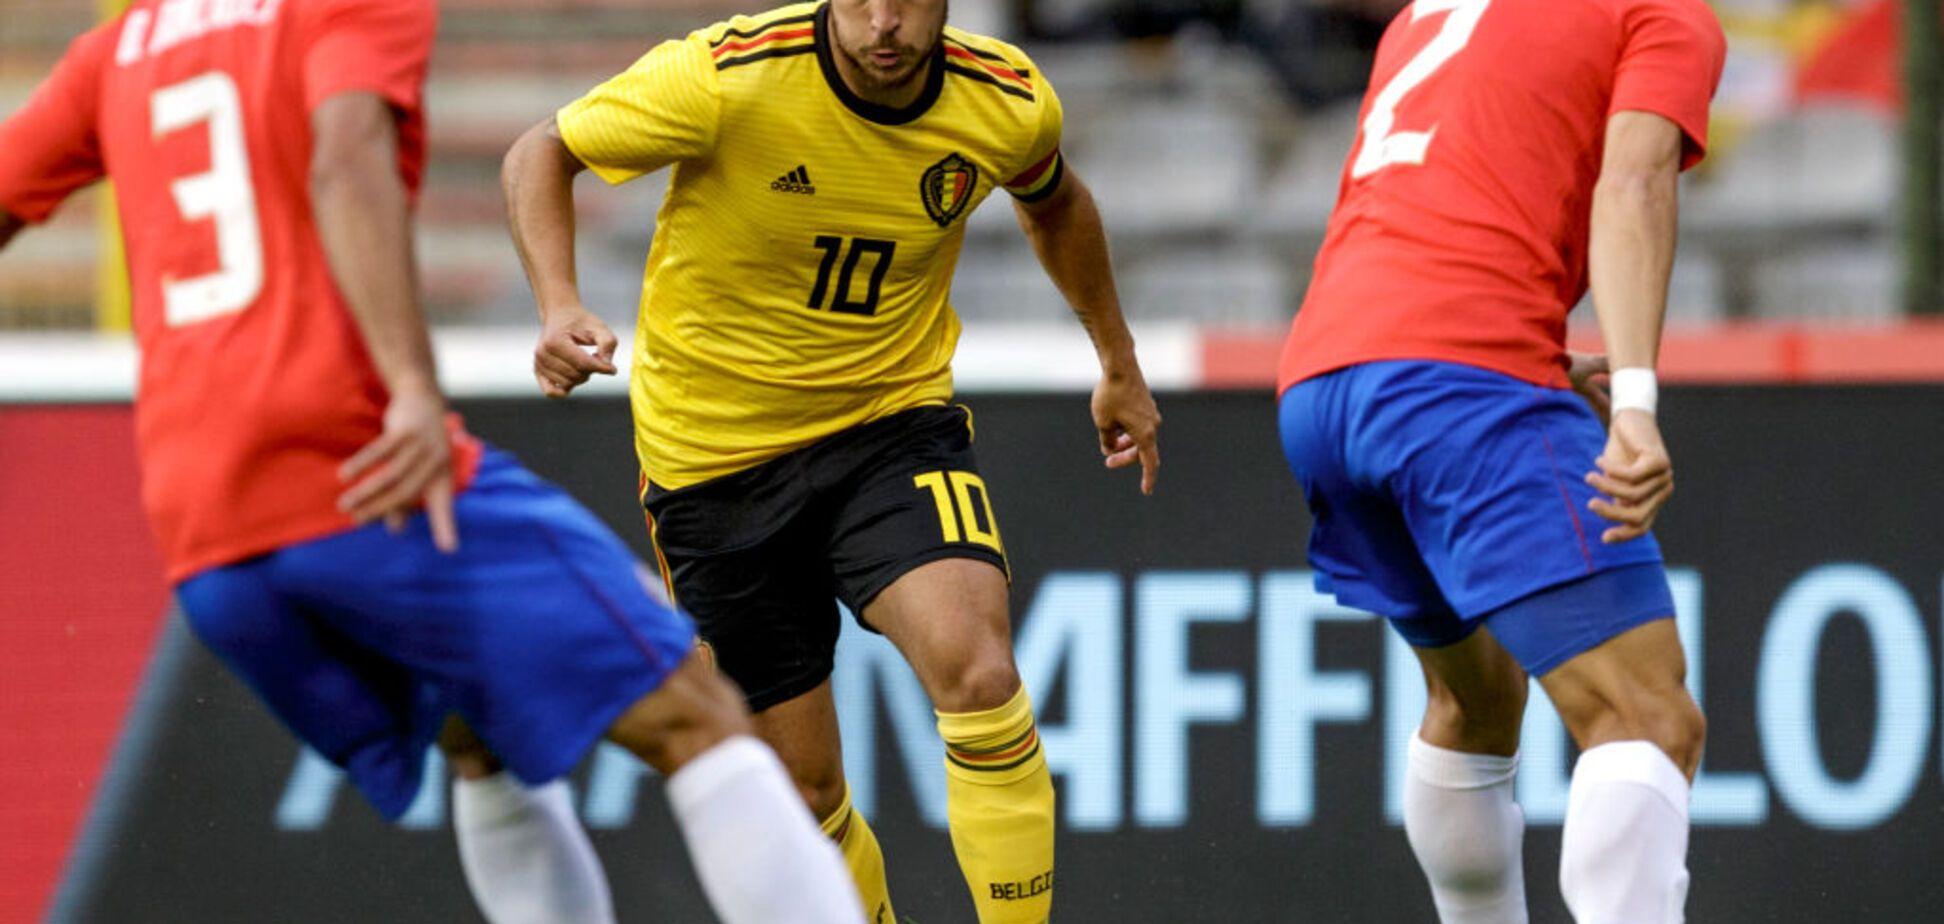 Бельгія - Туніс - 5-2: онлайн-трансляція матчу ЧС-2018